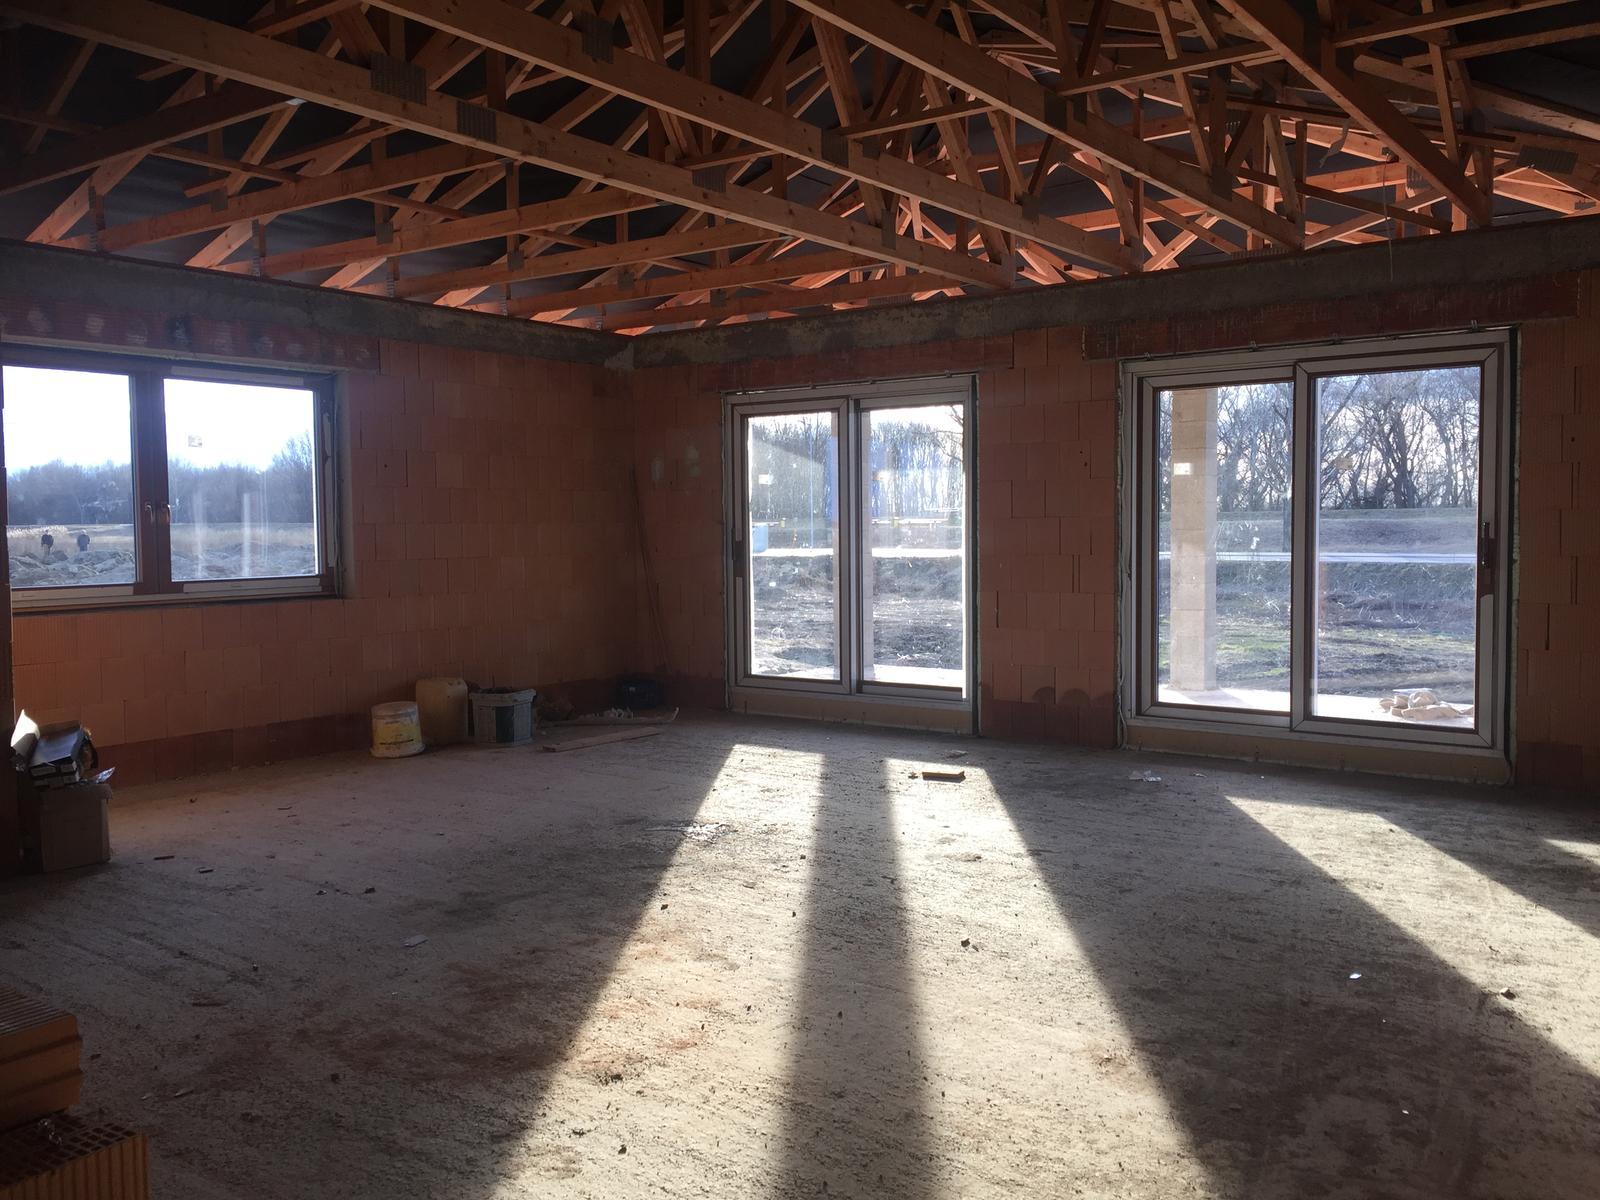 Náš domček bungalovček - bungalov 978 - 2.3. montáž okien